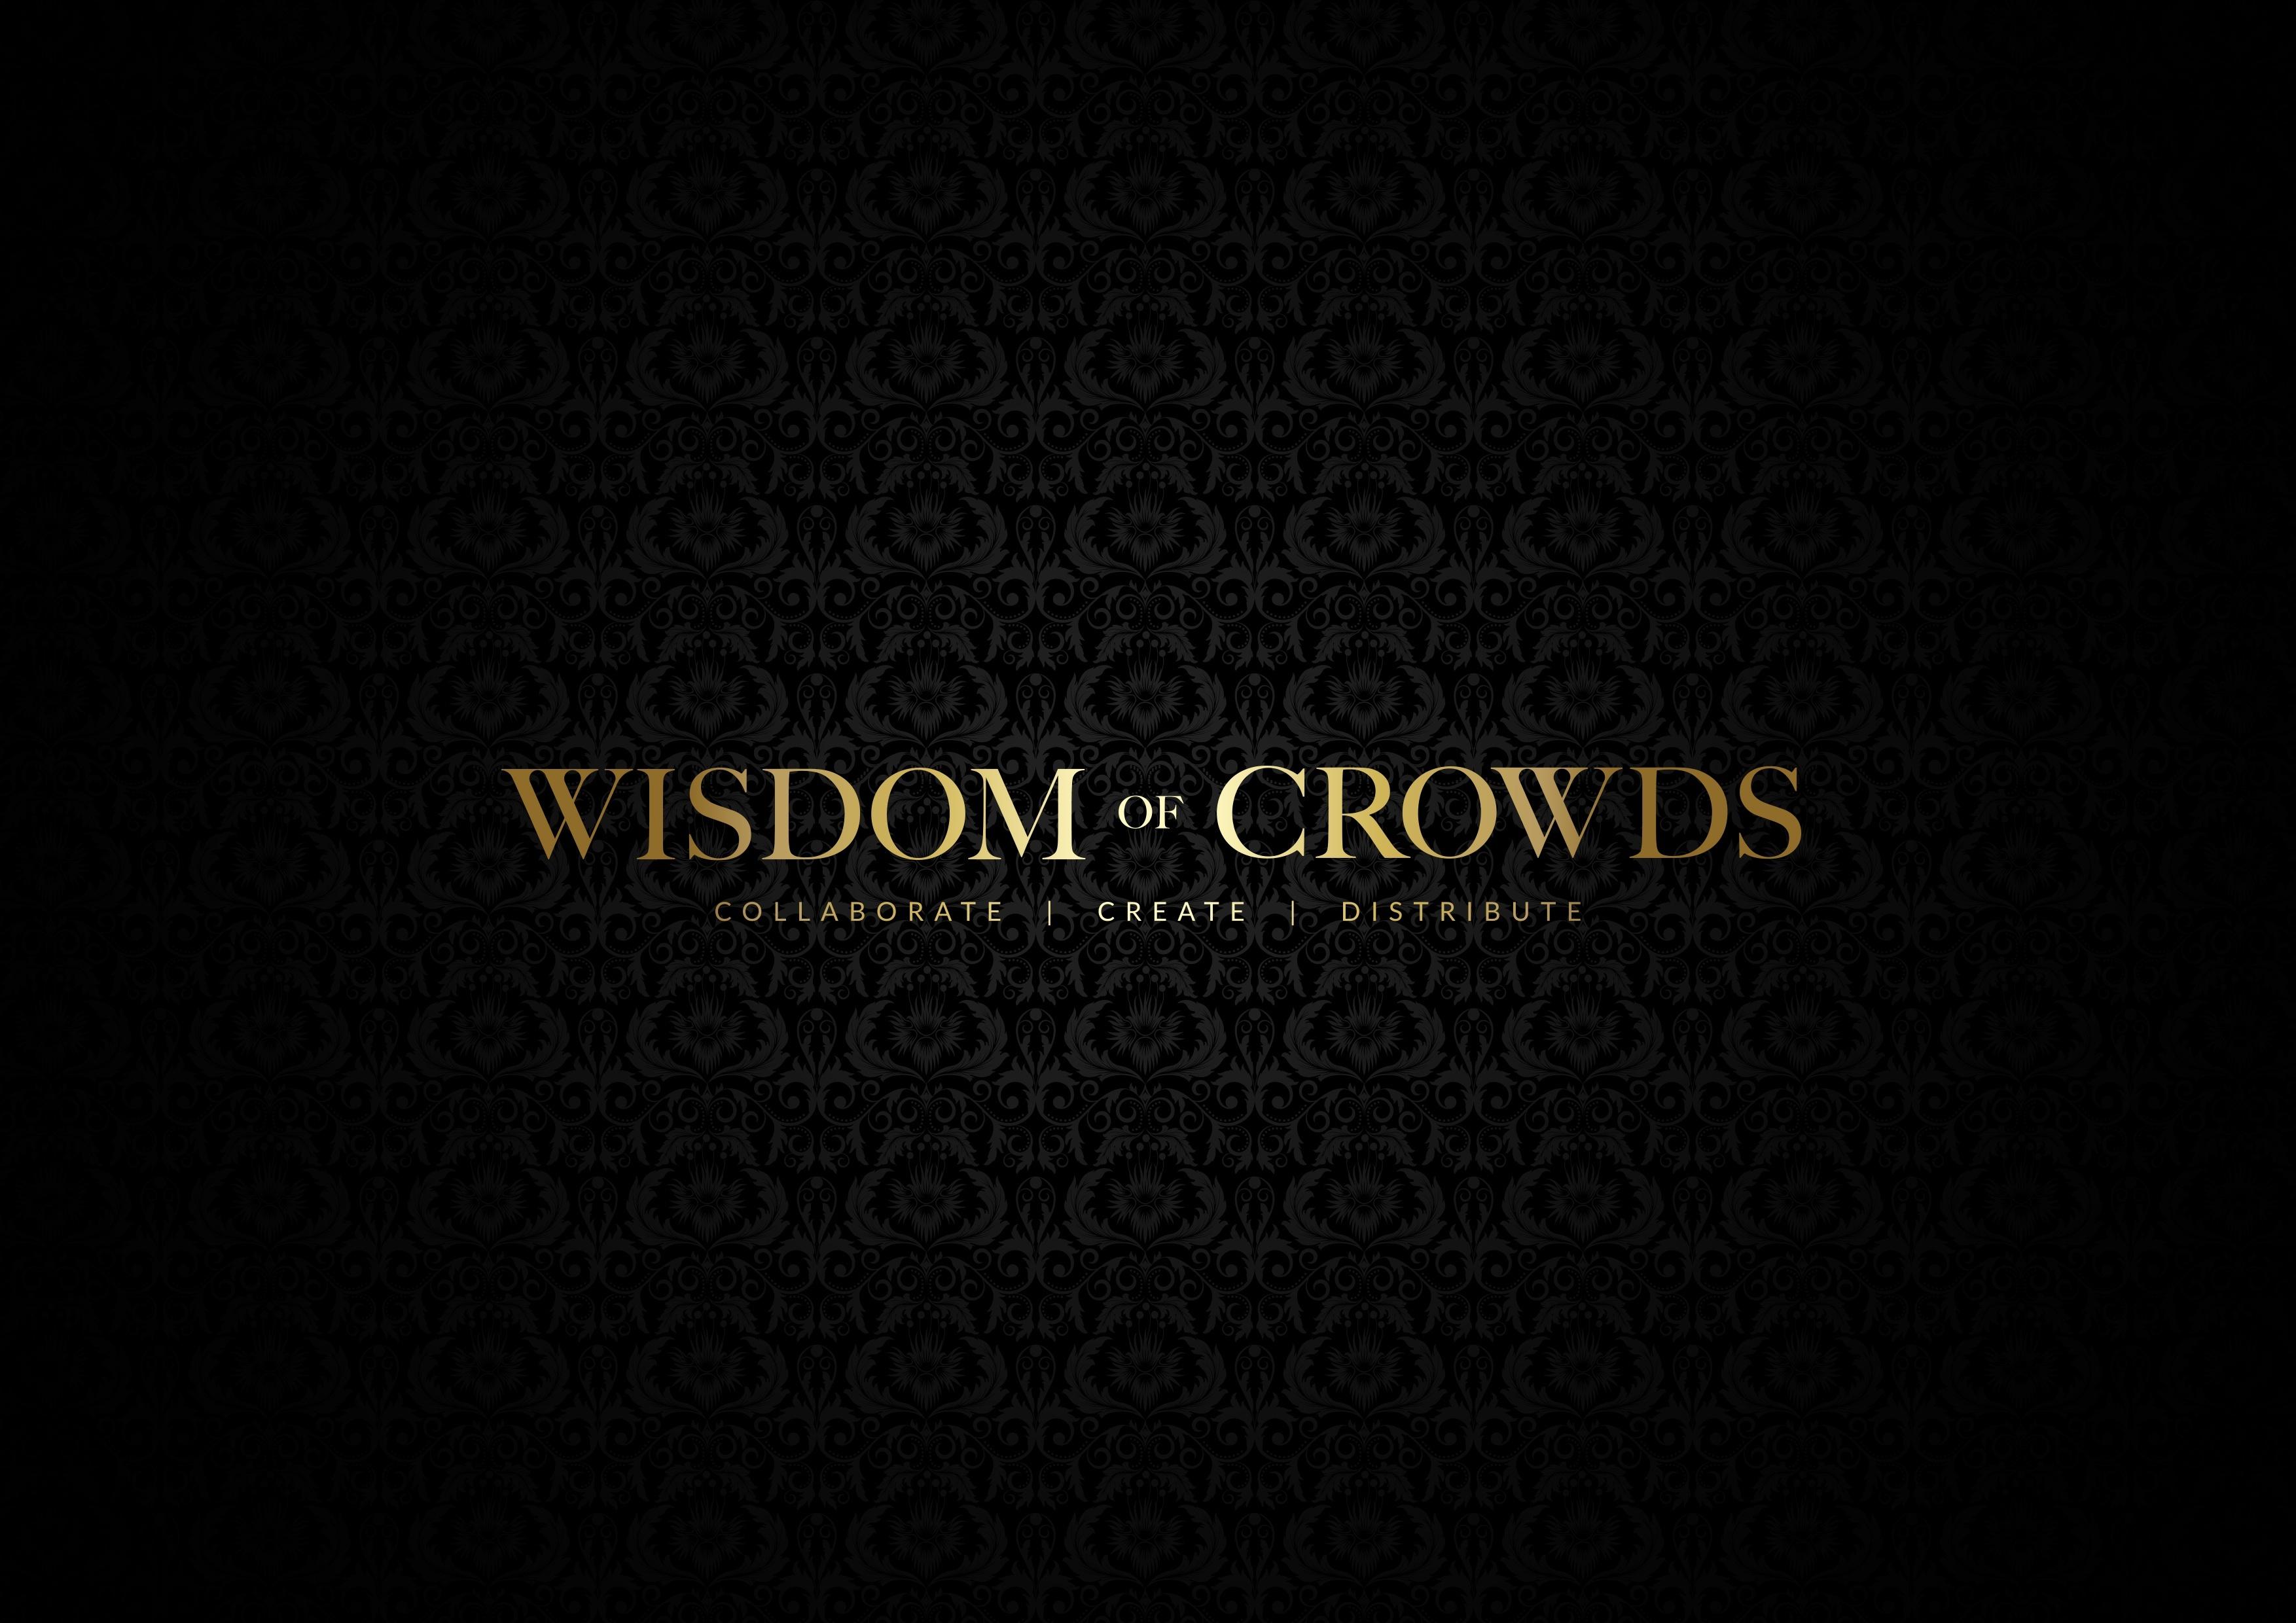 Wisdom of Crowds logo black background (1)